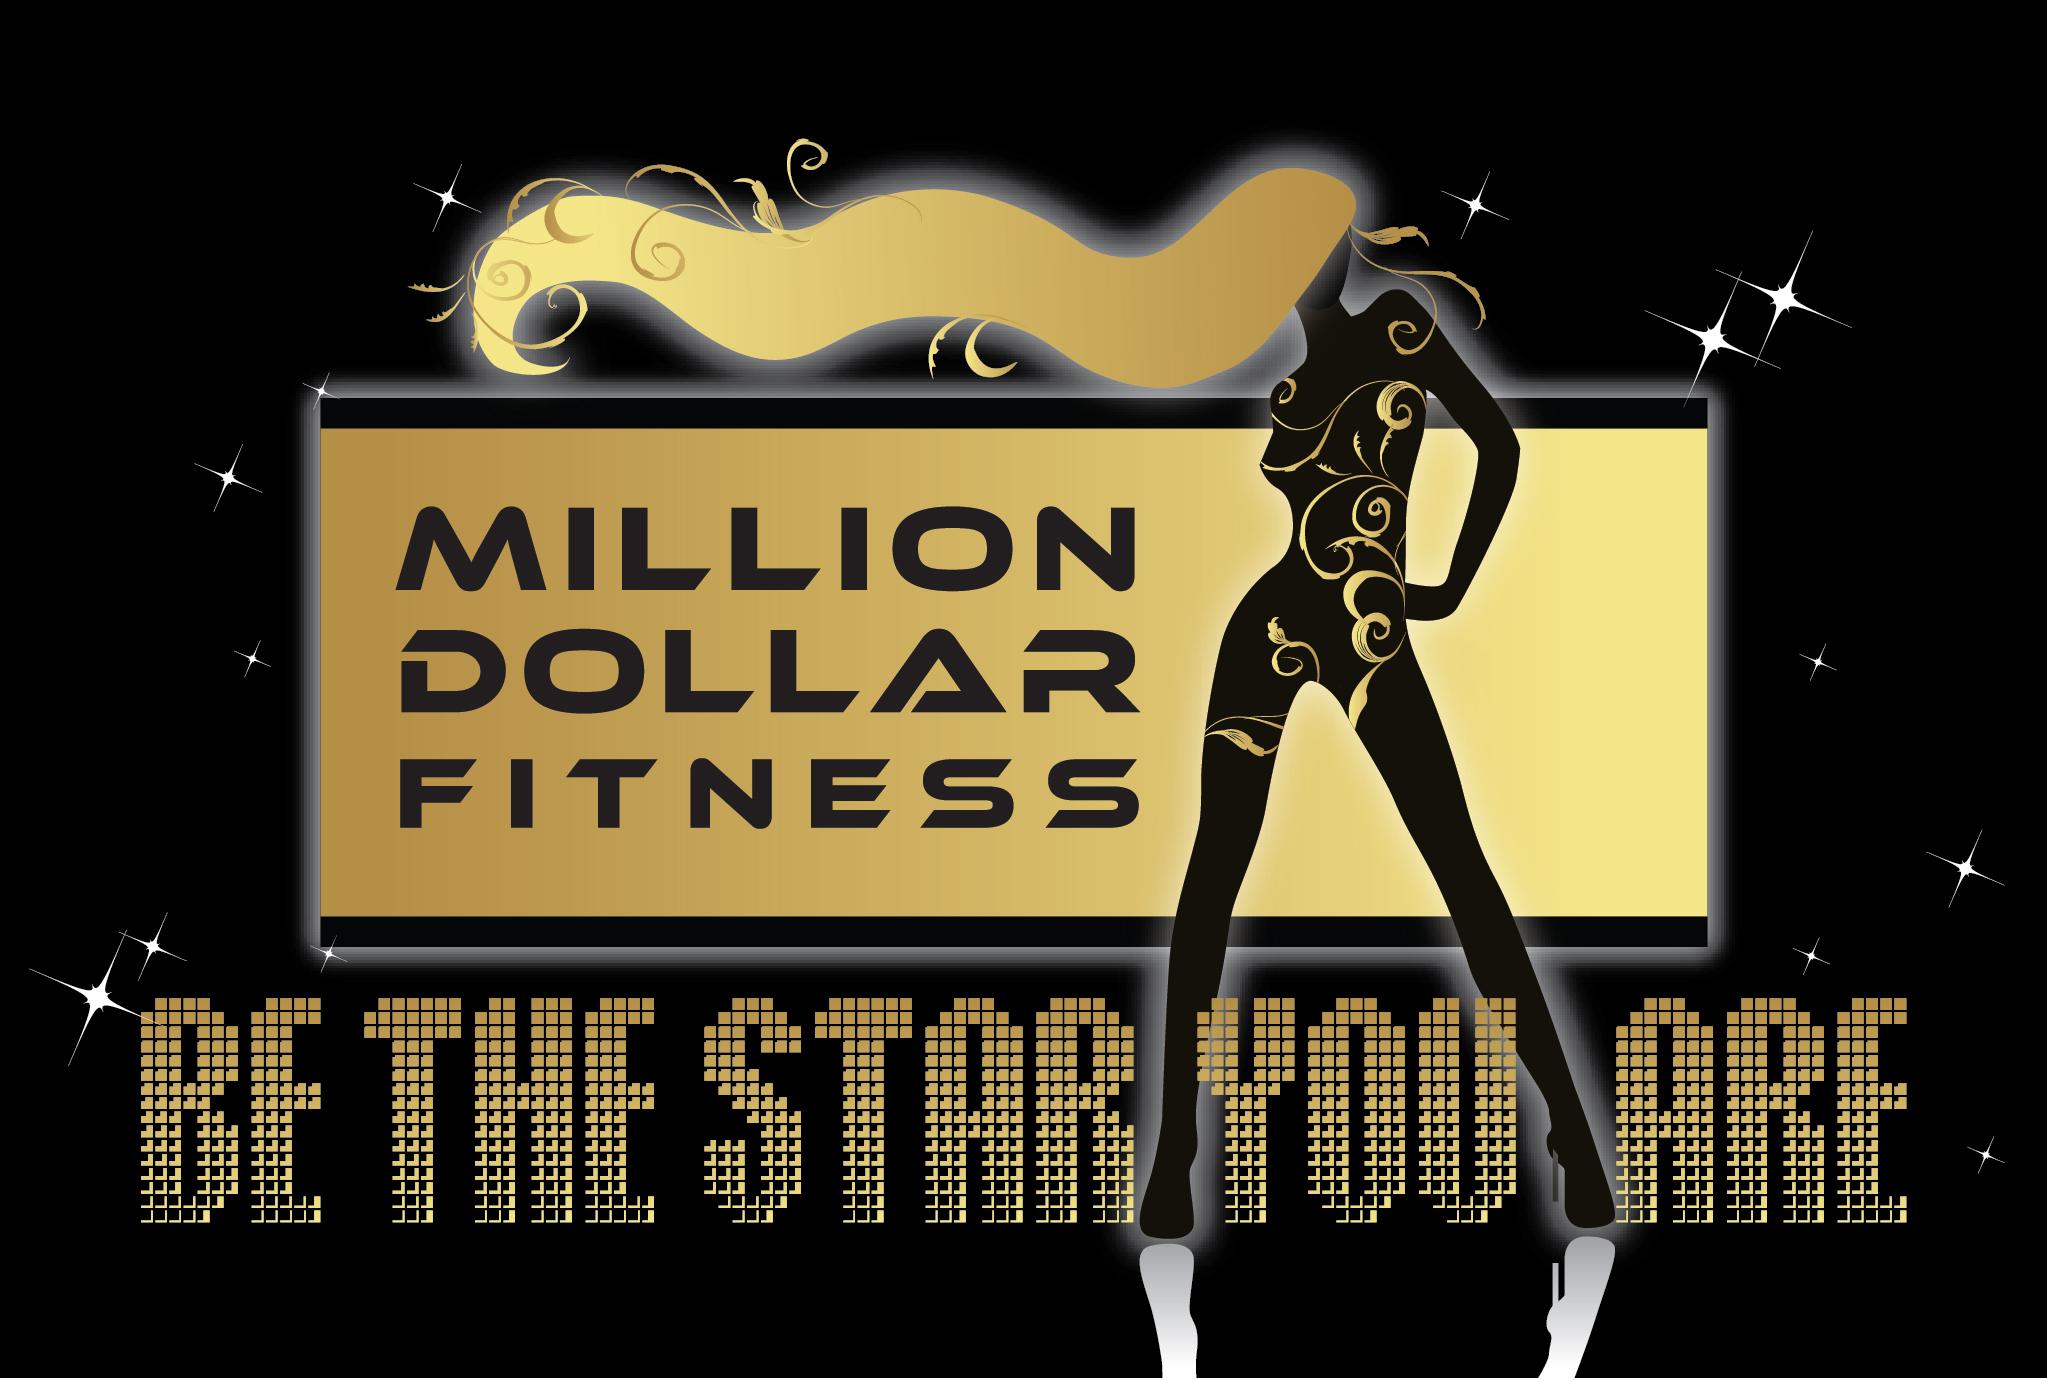 Million Dollar Fitness